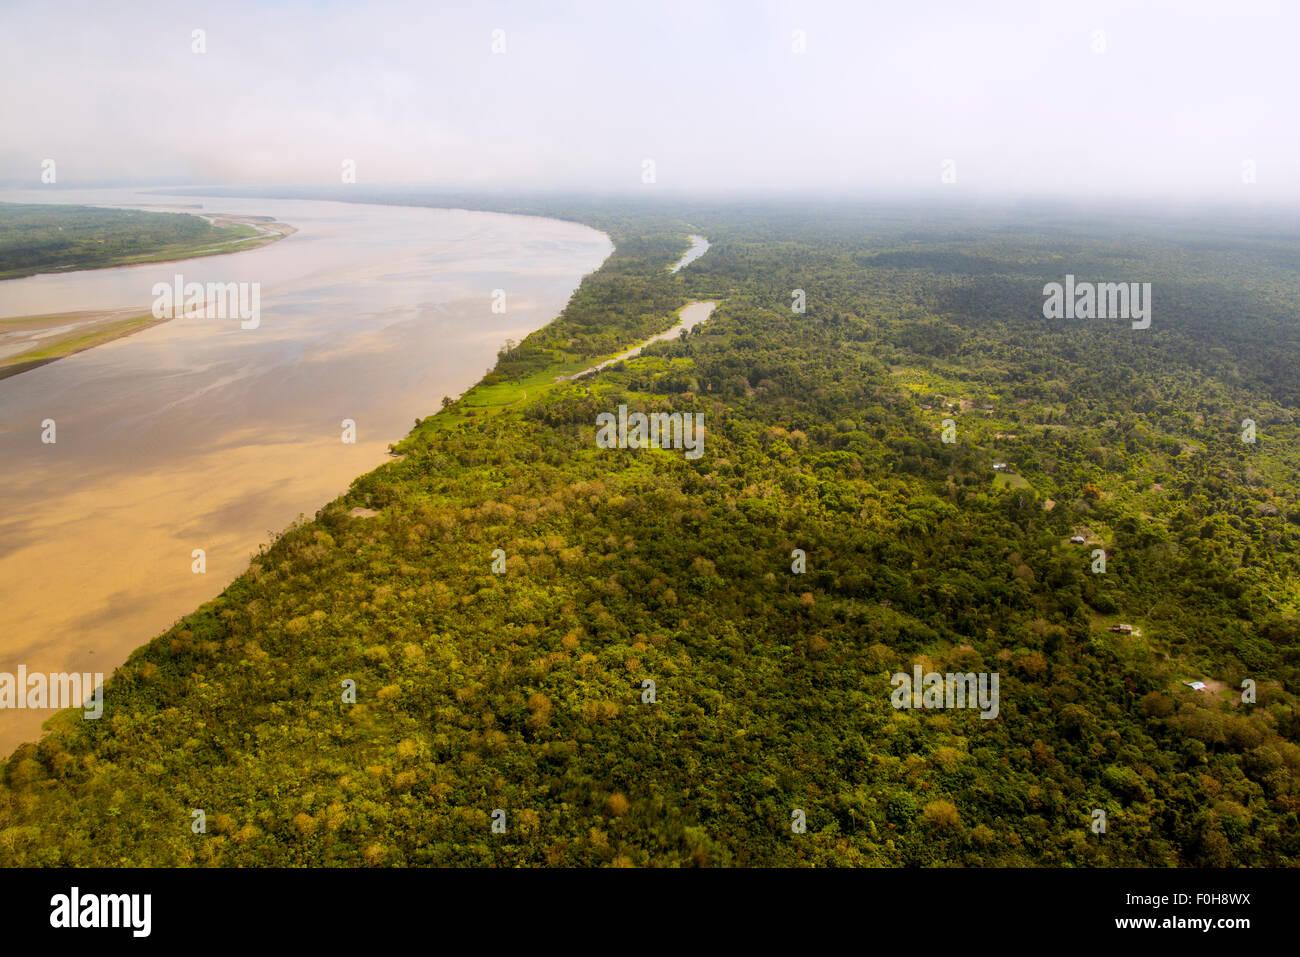 Amazonas-Antenne, mit Siedlungen und sekundären Regenwald, in der Nähe von Iquitos, Peru Stockbild